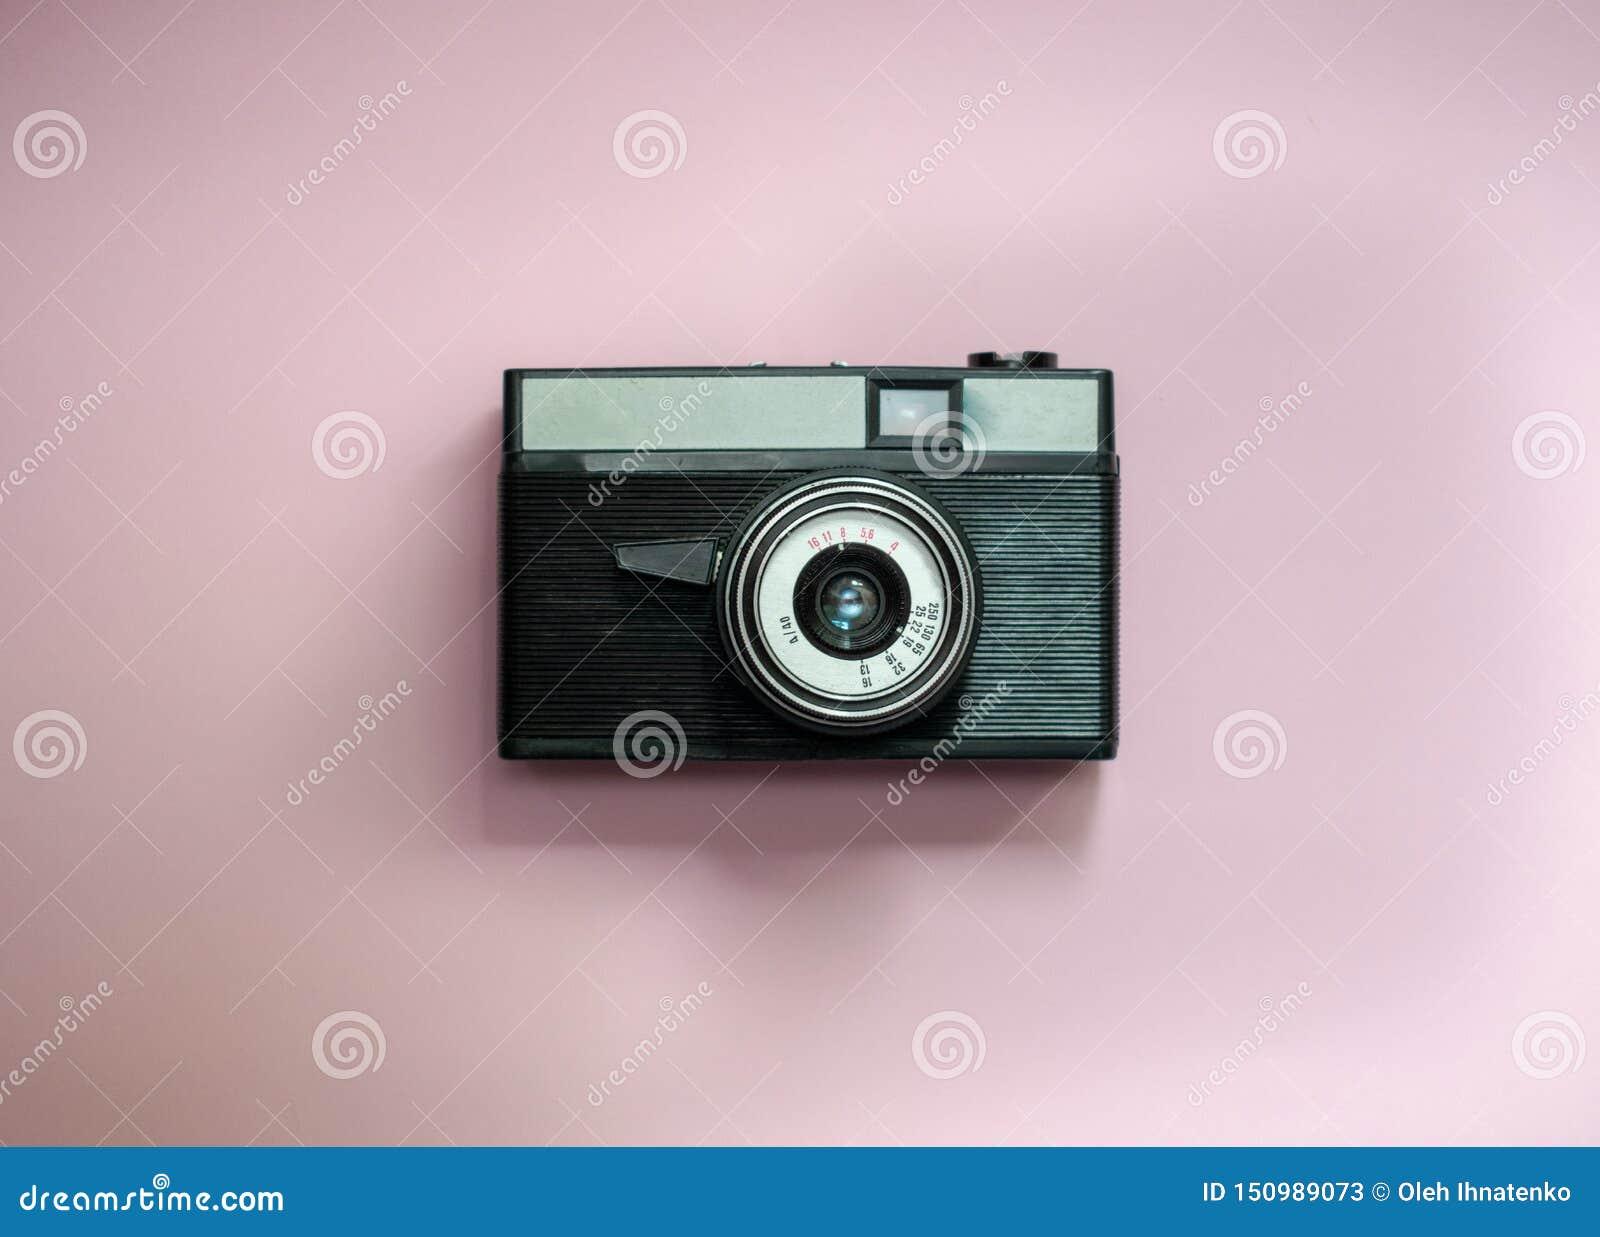 Film retro camera op een roze achtergrond 4